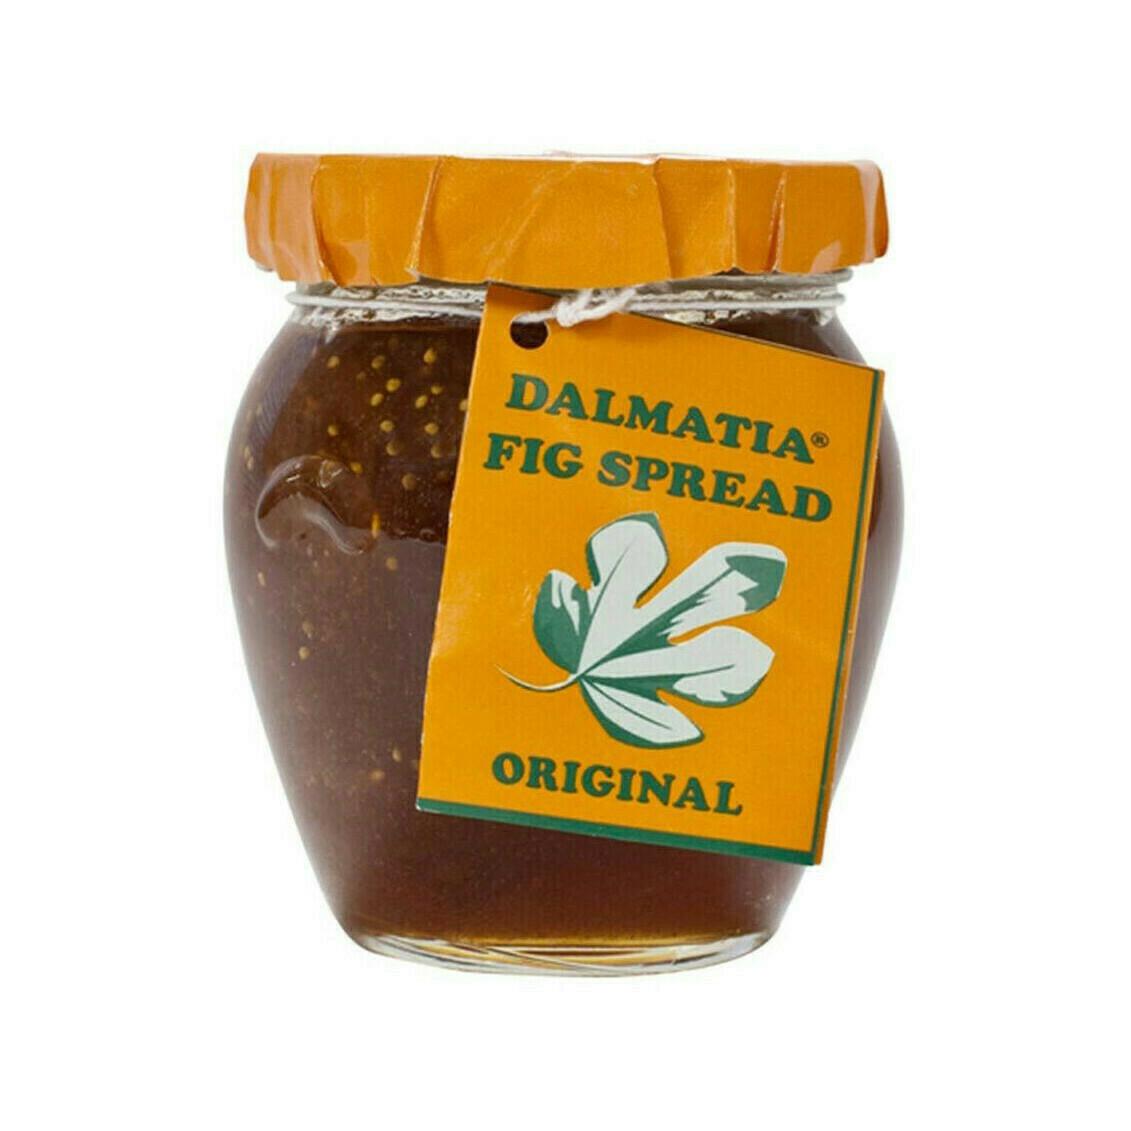 Dalmatia Original Fig Spread 8.5oz